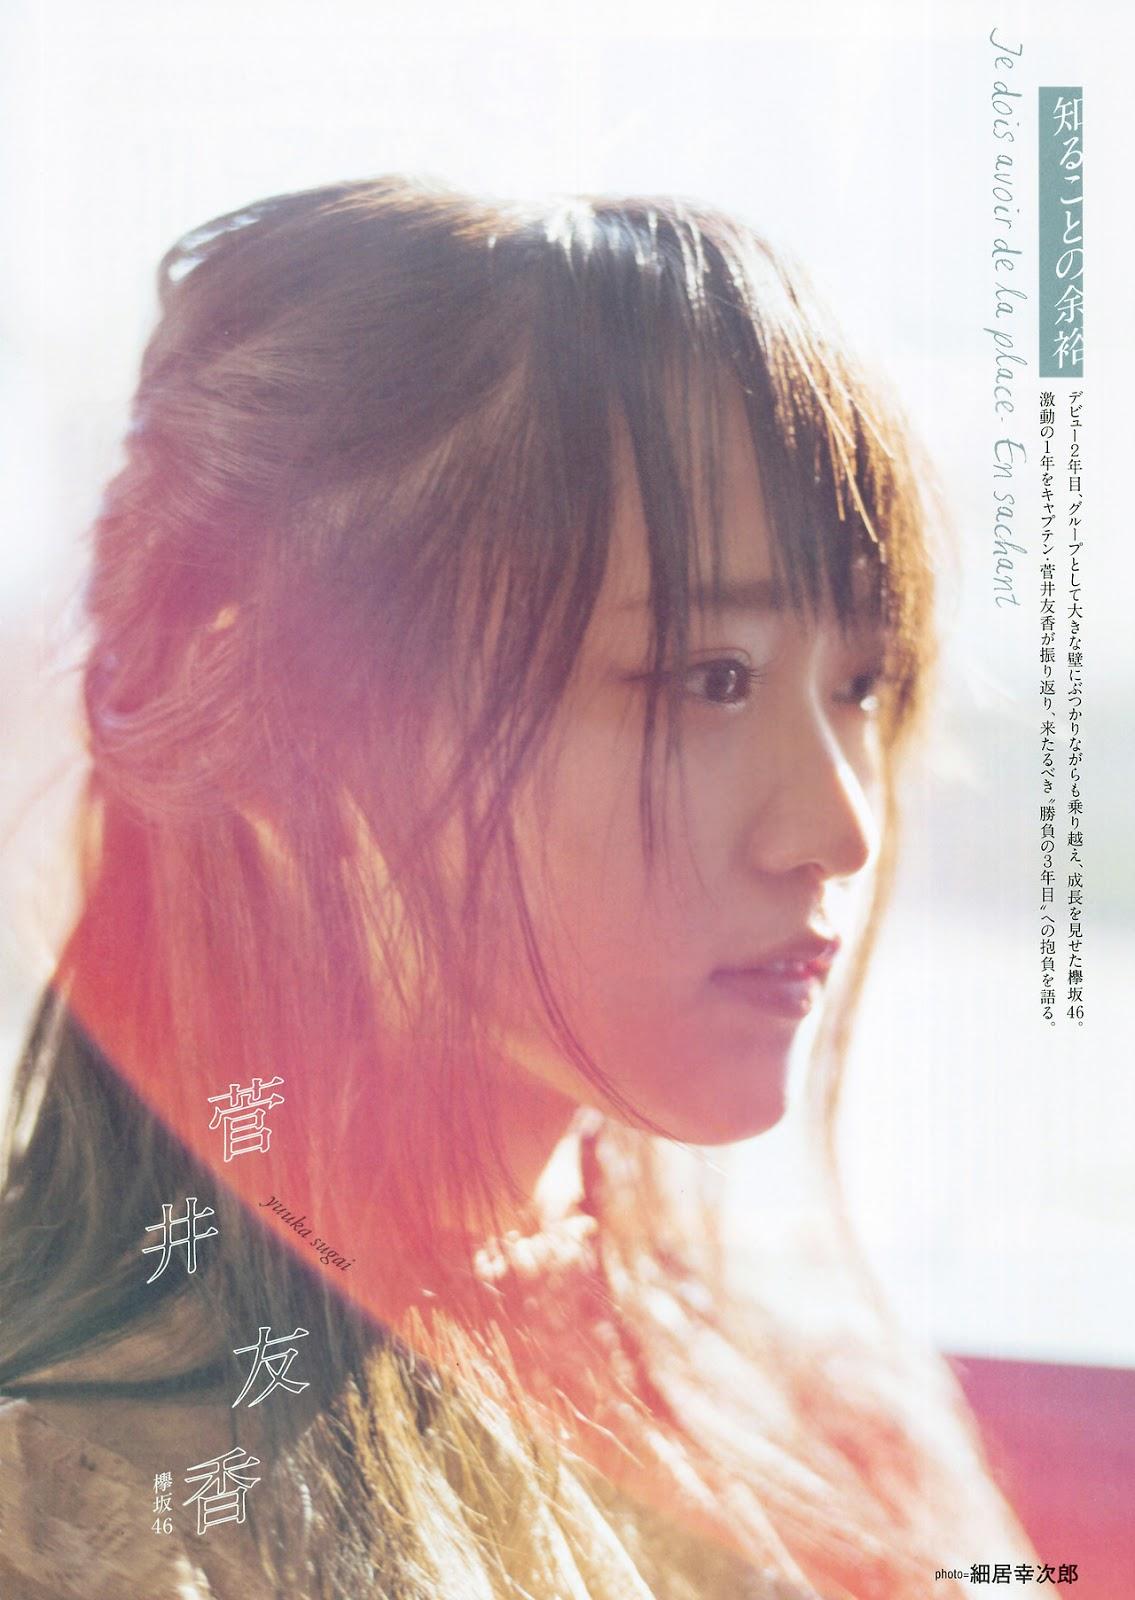 Sugai Yuuka 菅井友香, B.L.T. 2018.02 (ビー・エル・ティー 2018年2月号)